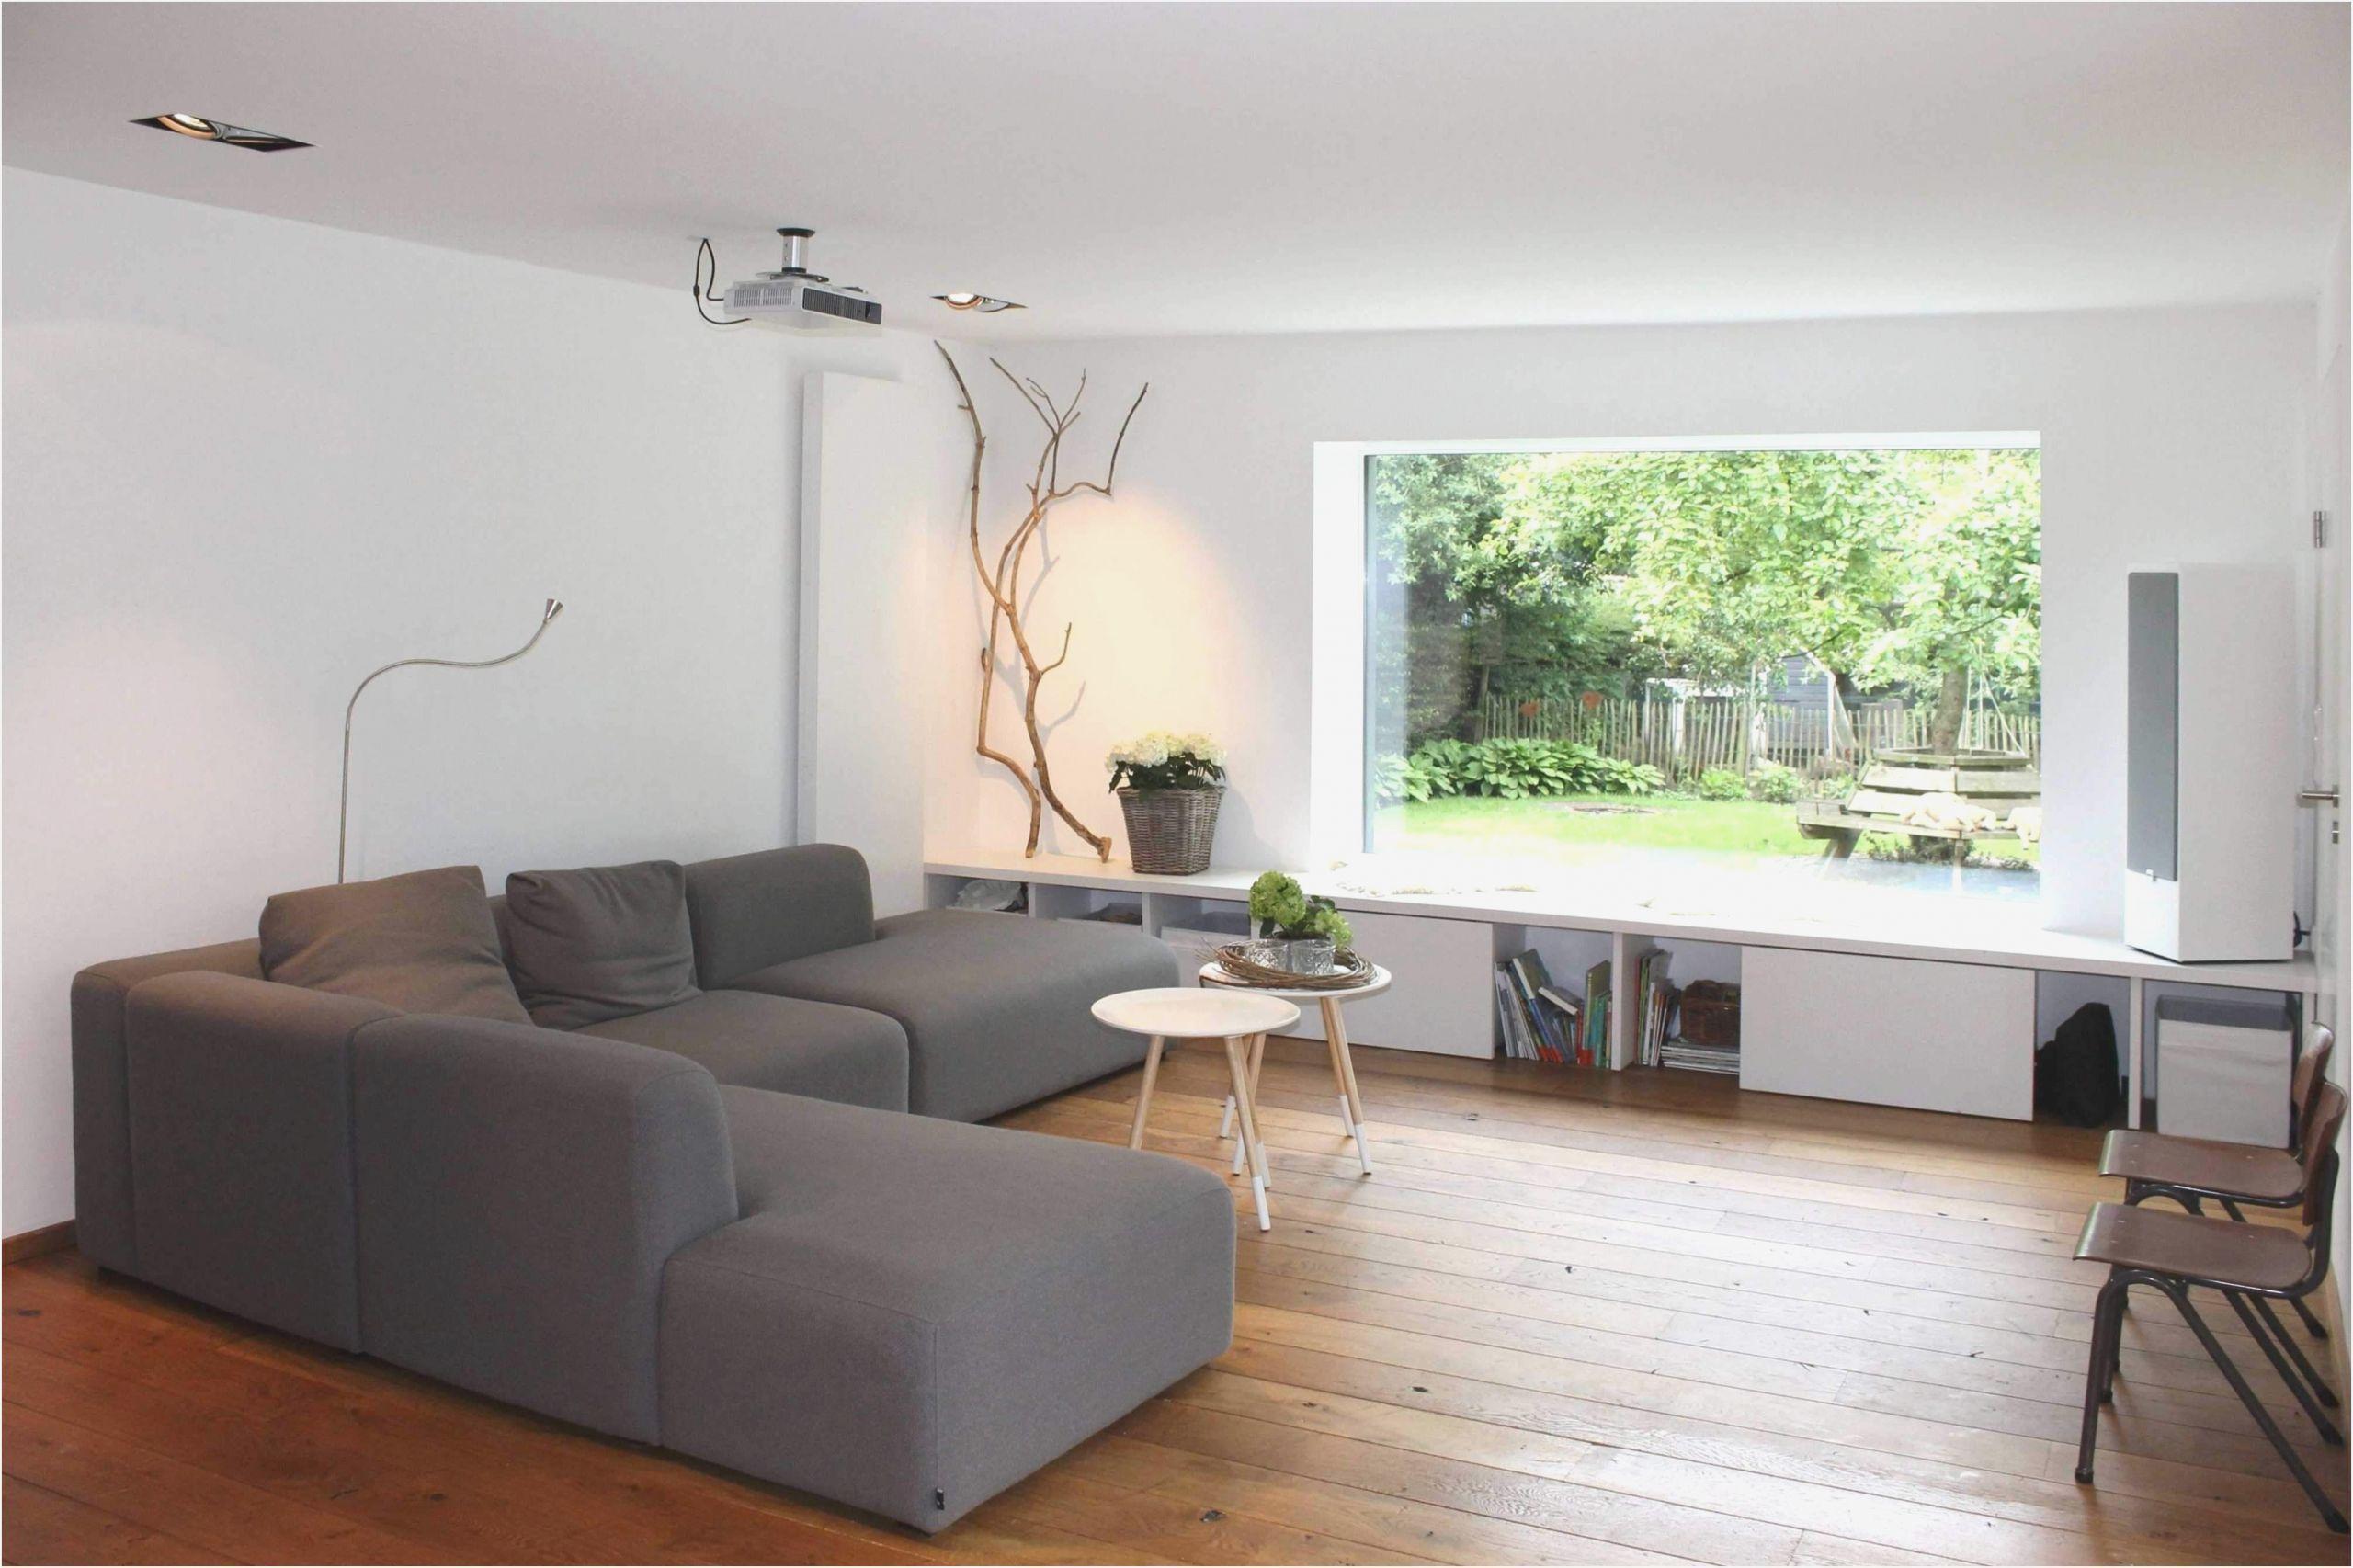 Wohnzimmer Weiß Braun Grau